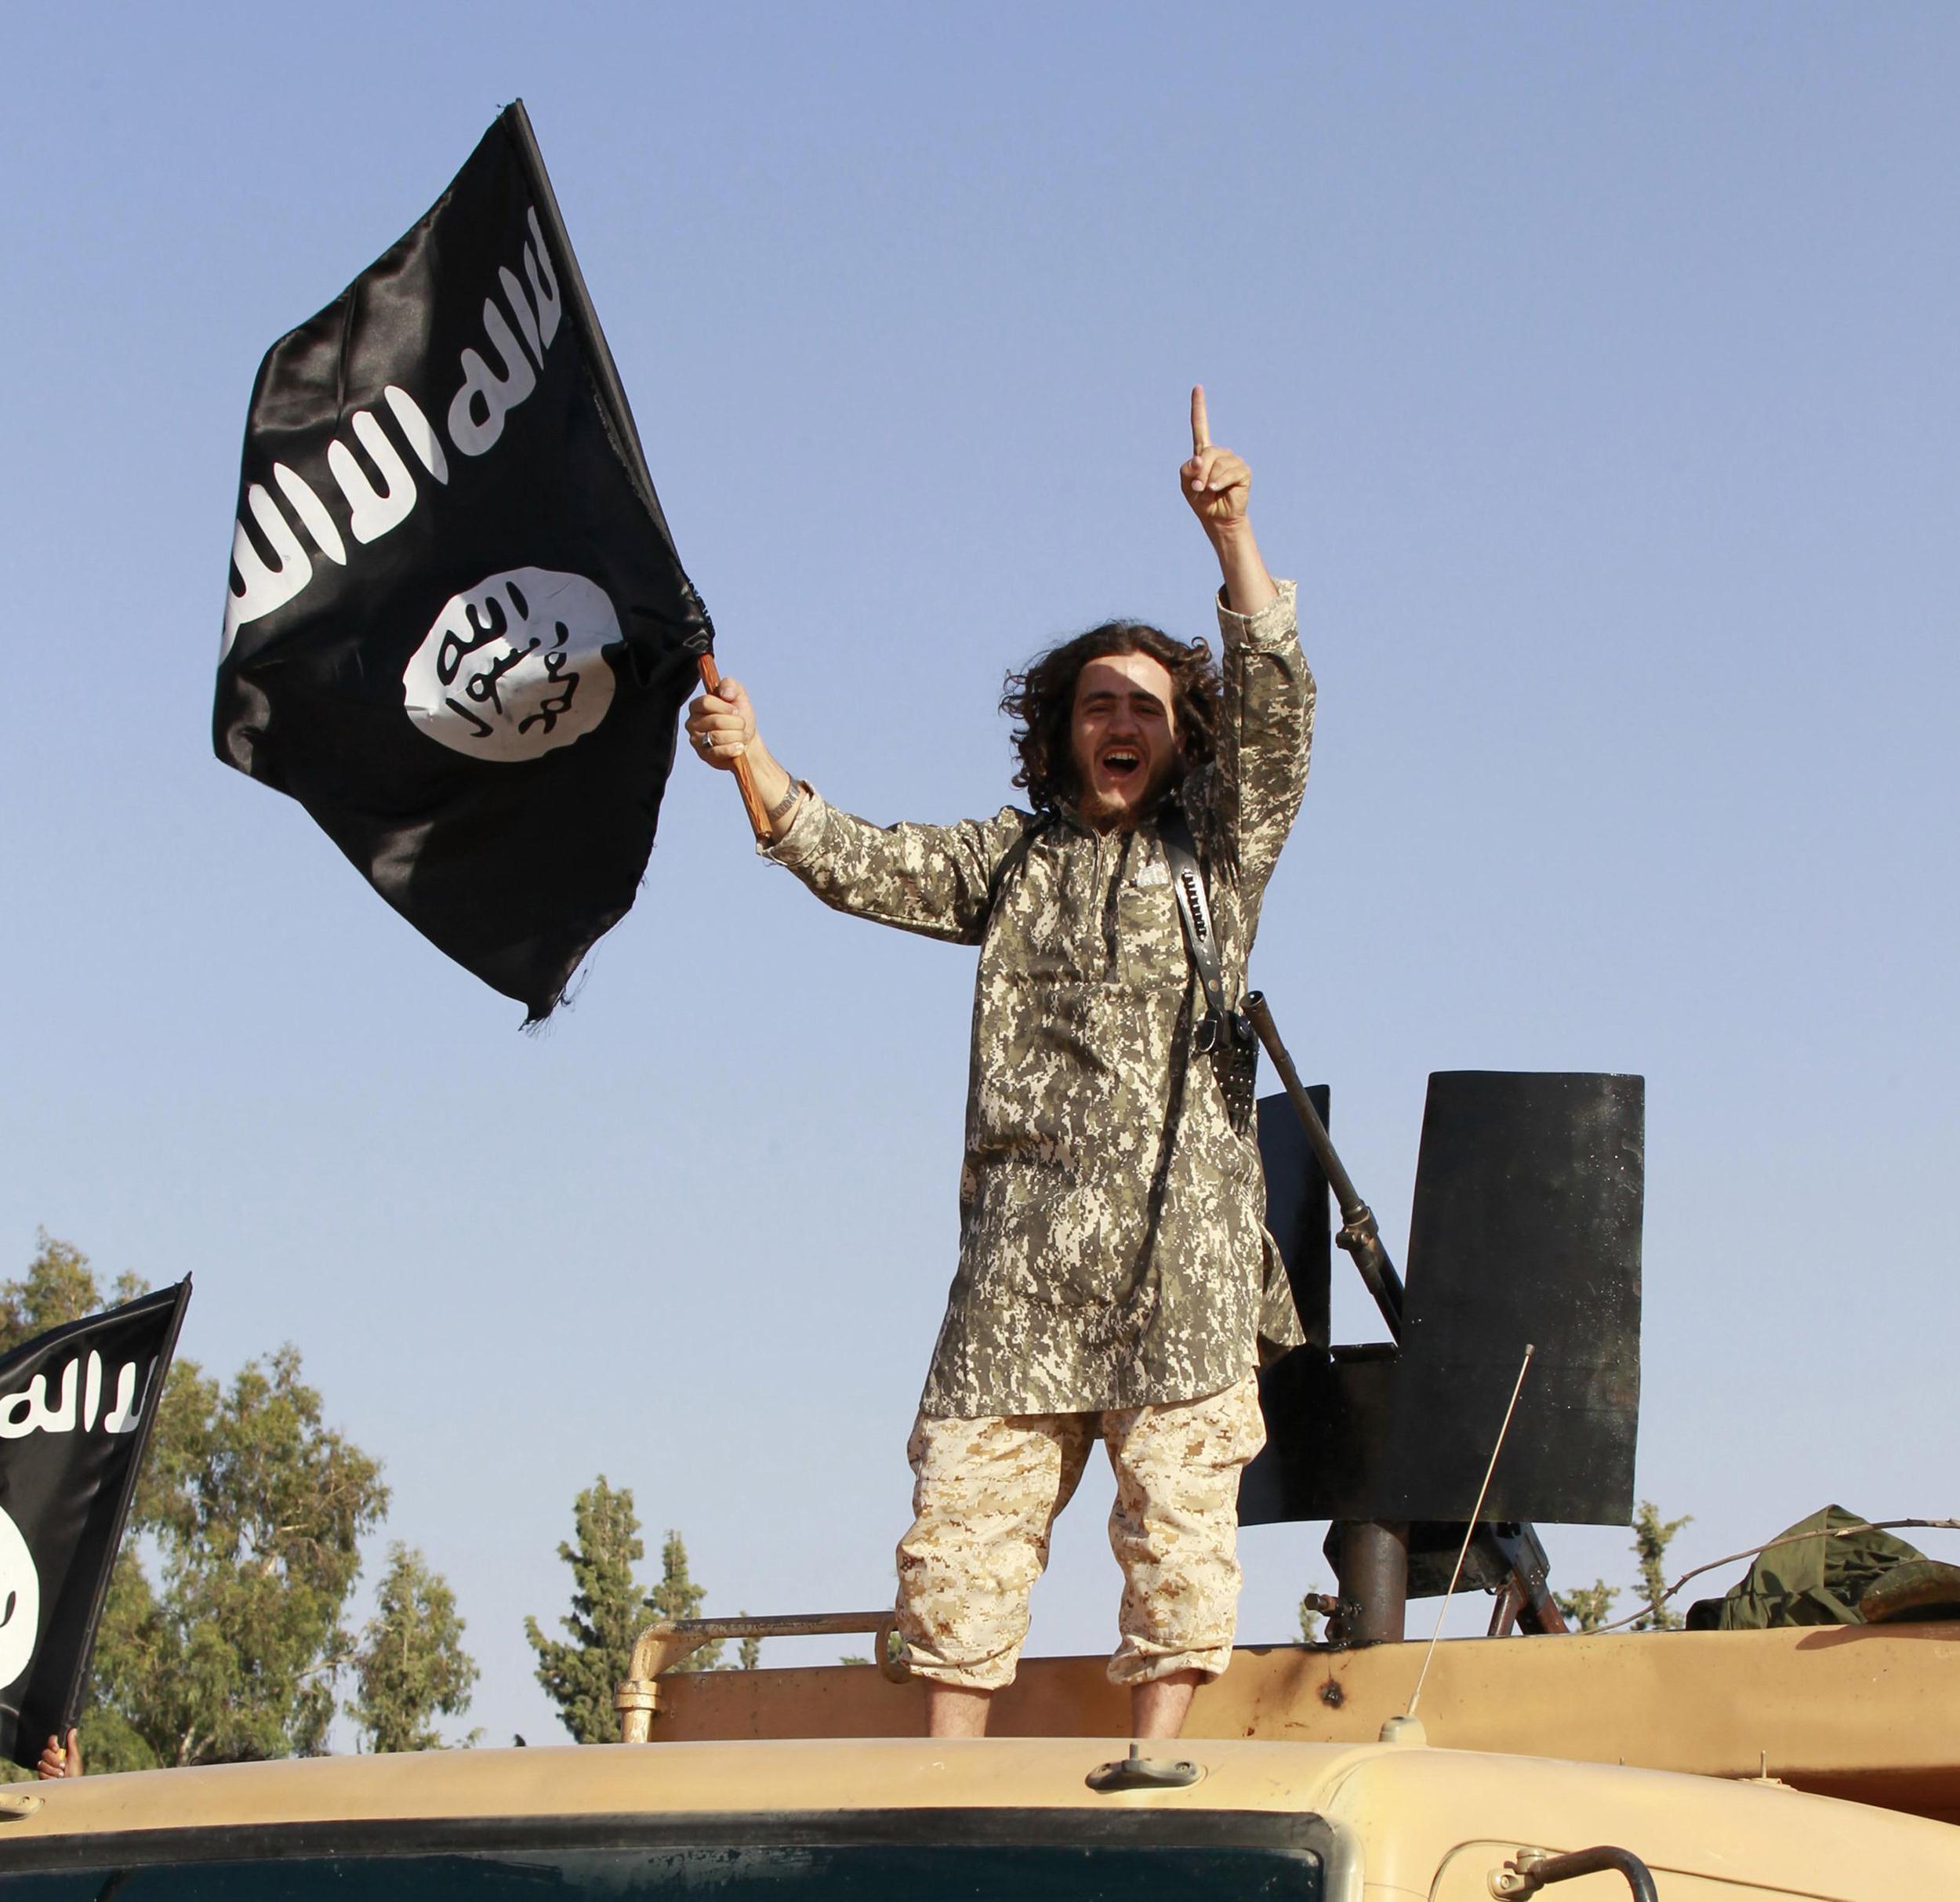 Xhihadistët luftojnë me kokainë dhe viagra 140704-isis-music-main-10a_9beb96804f836cad0c1740e37e7c5146